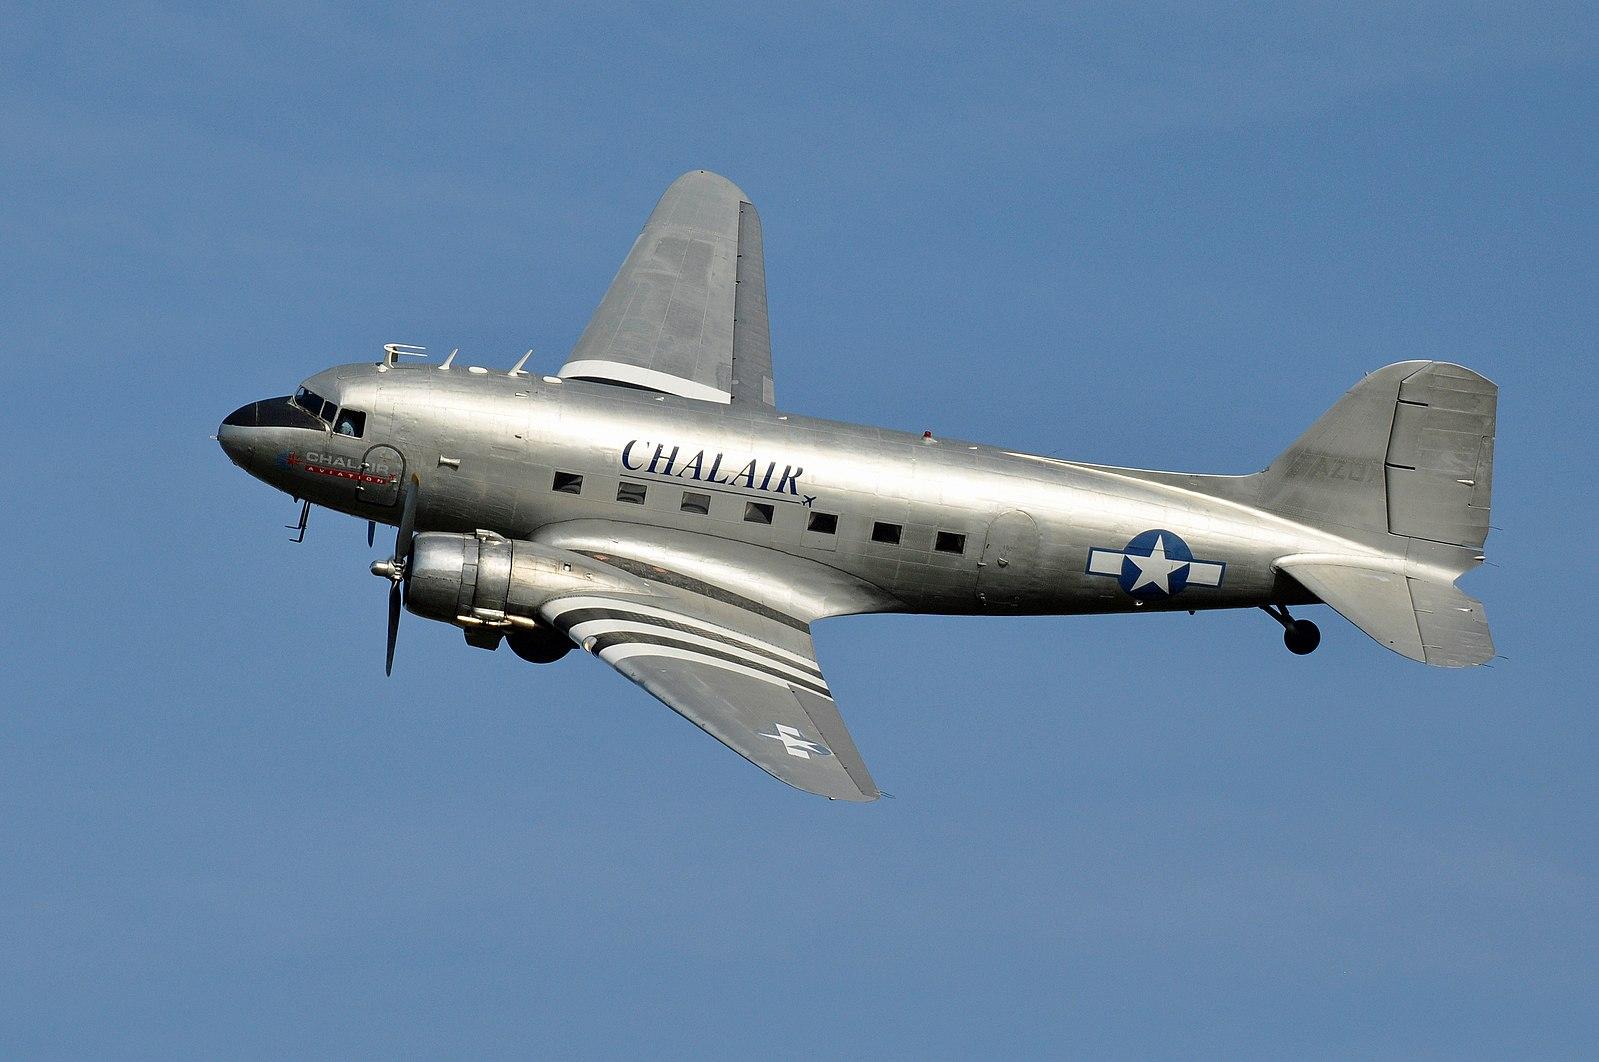 Symbole de Liberté, de sûreté, associé aux Héros qu'il a transporté, voici le Douglas DC-3